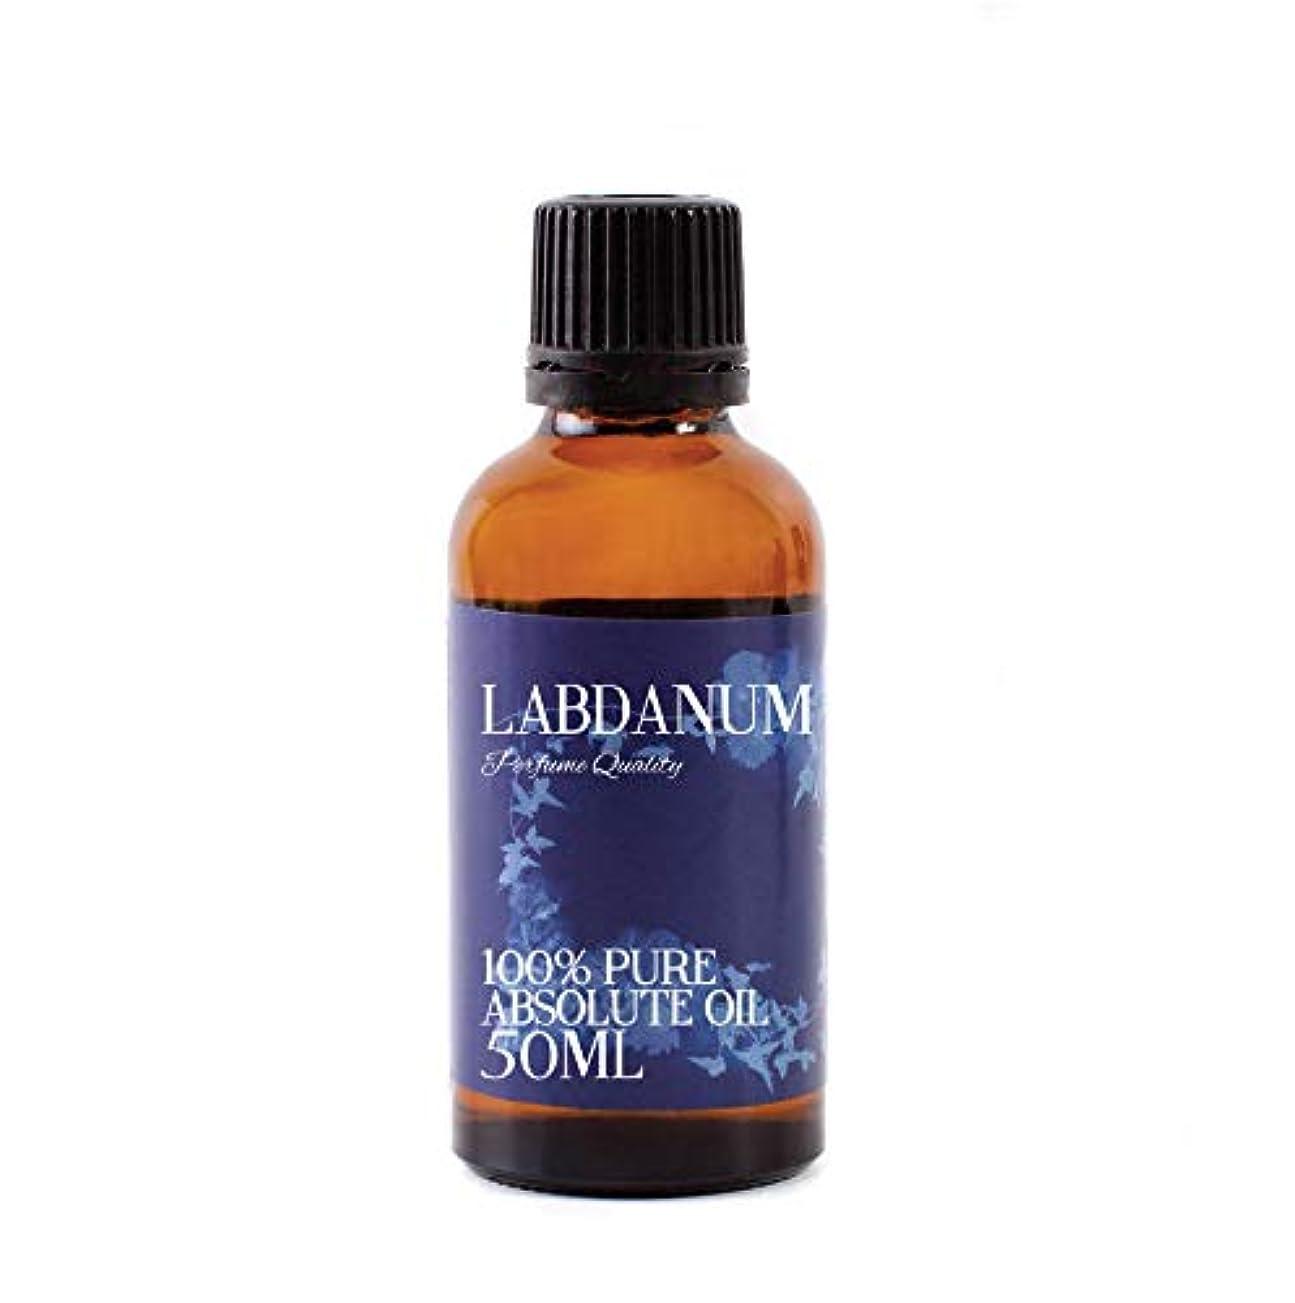 証拠努力ベックスLabdanum PQ Absolute 50ml - 100% Pure